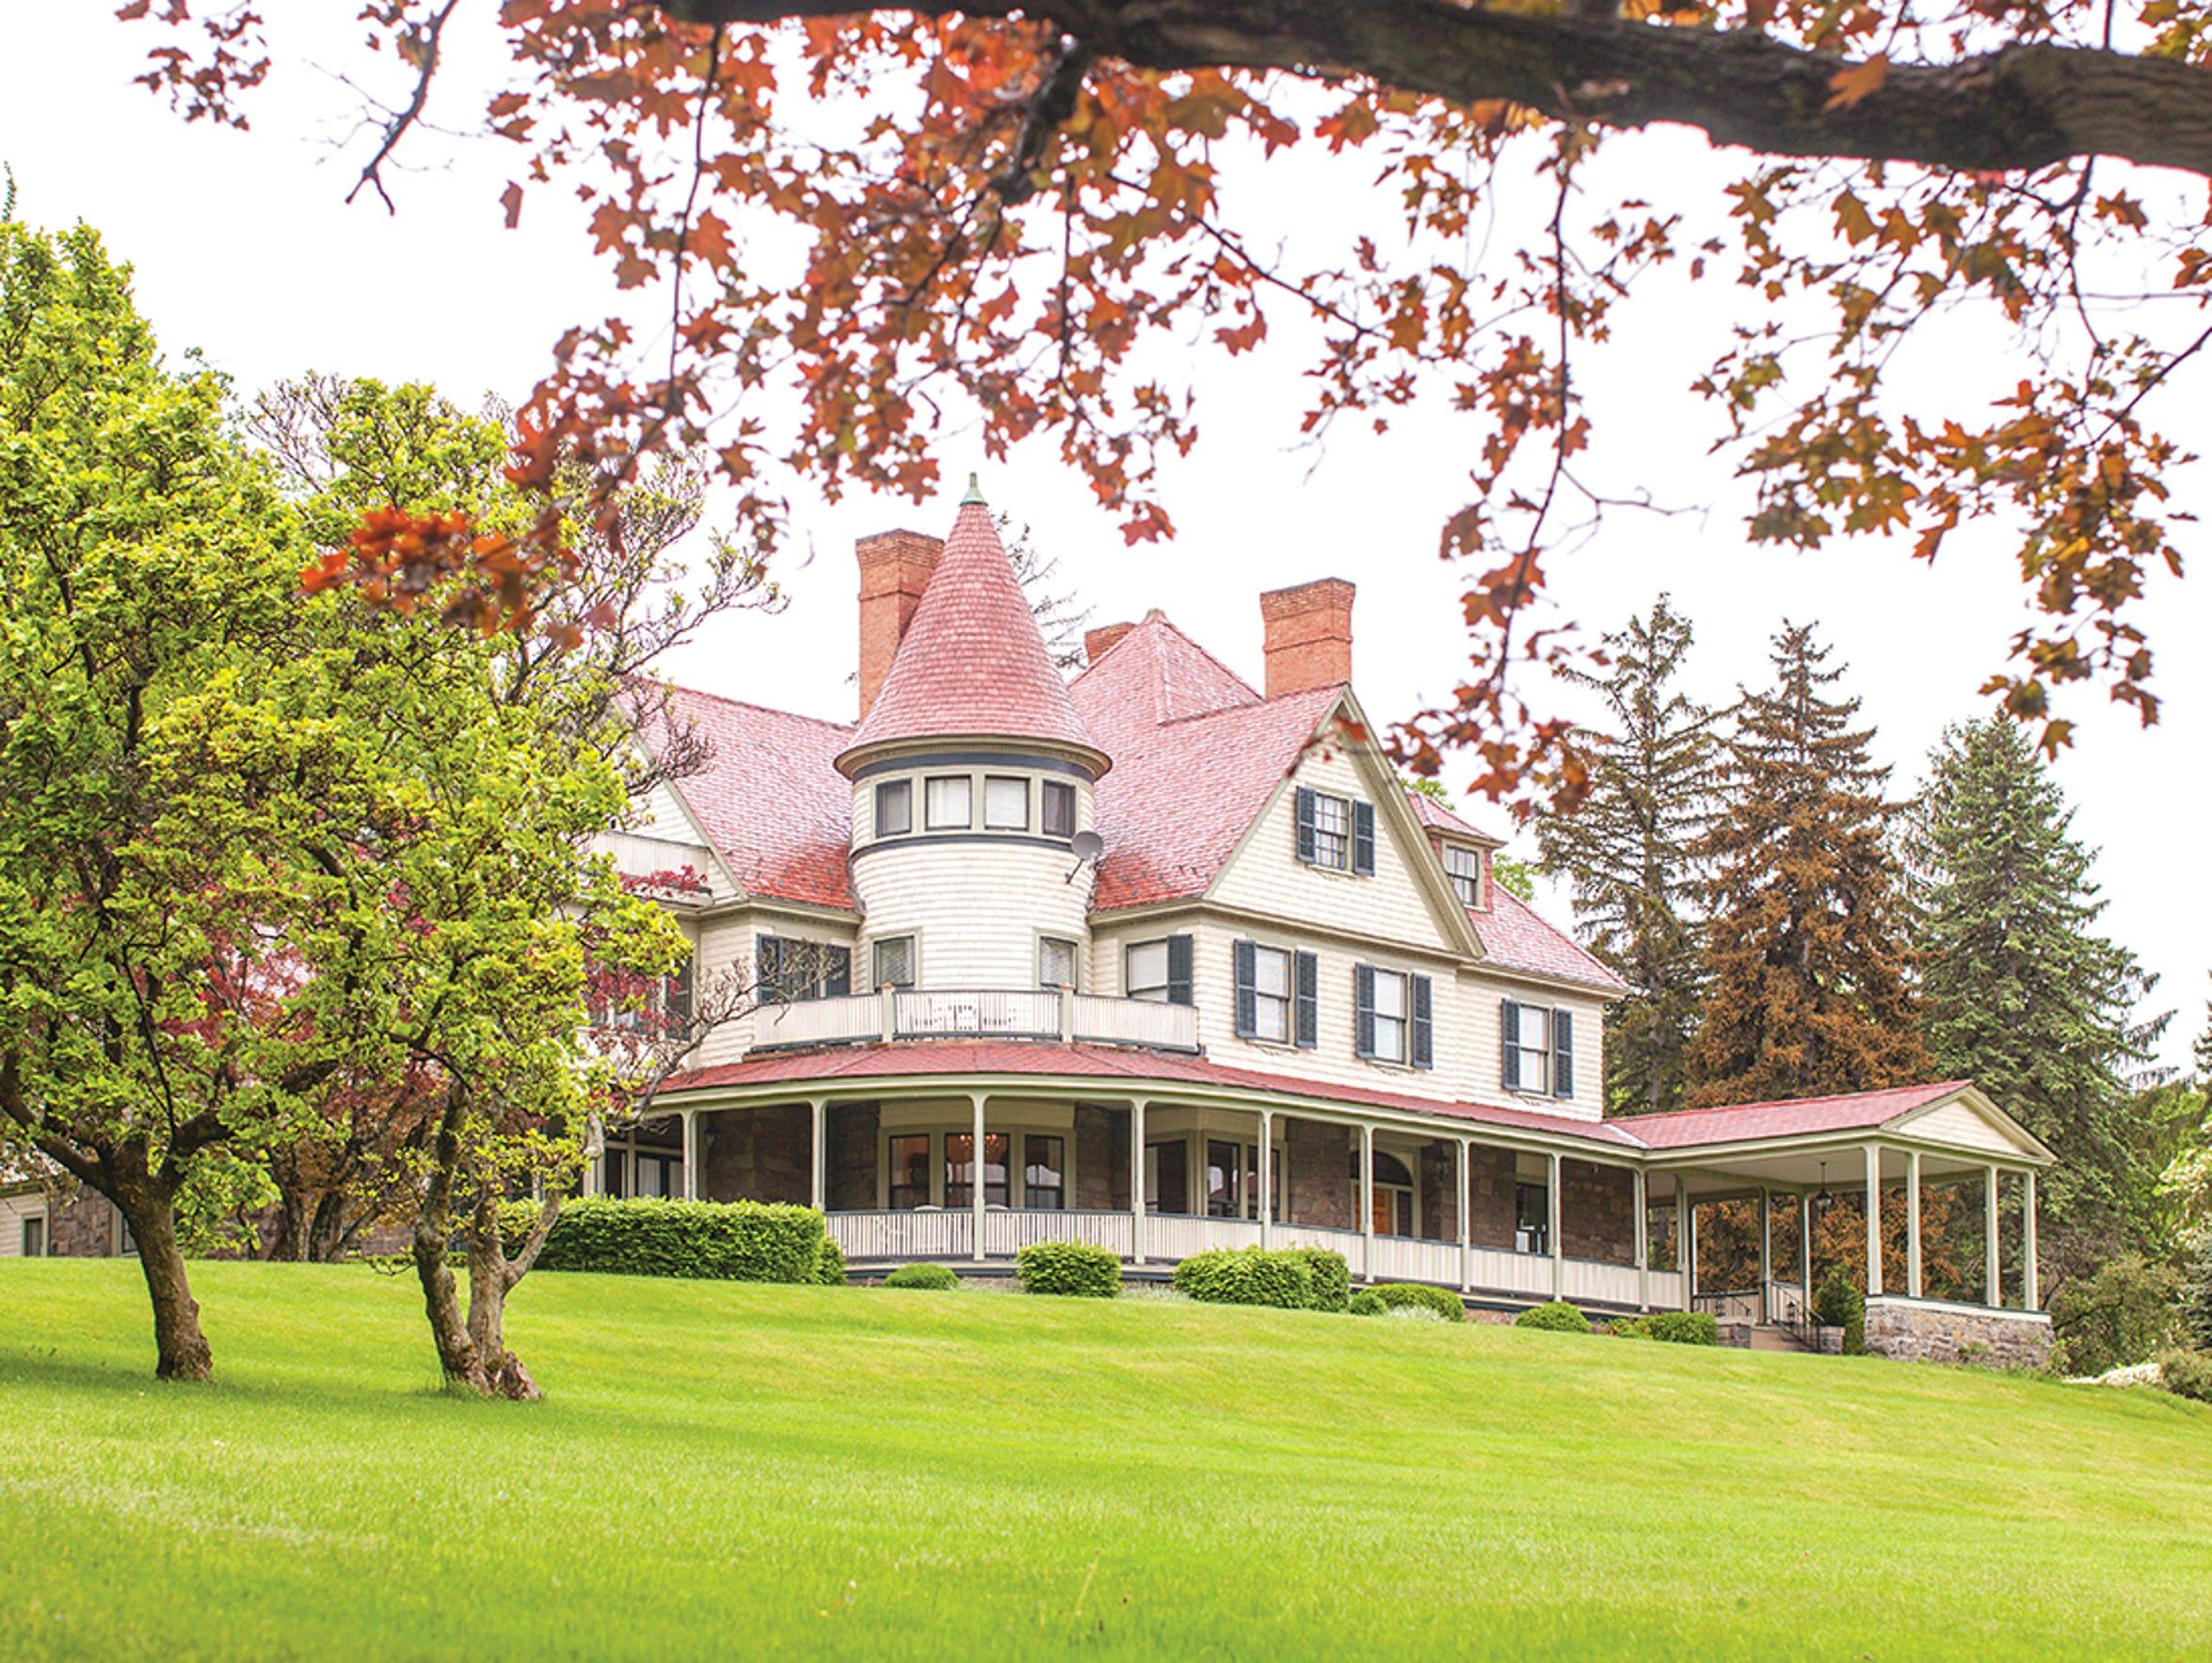 Idlwilde inn in Watkins Glen.